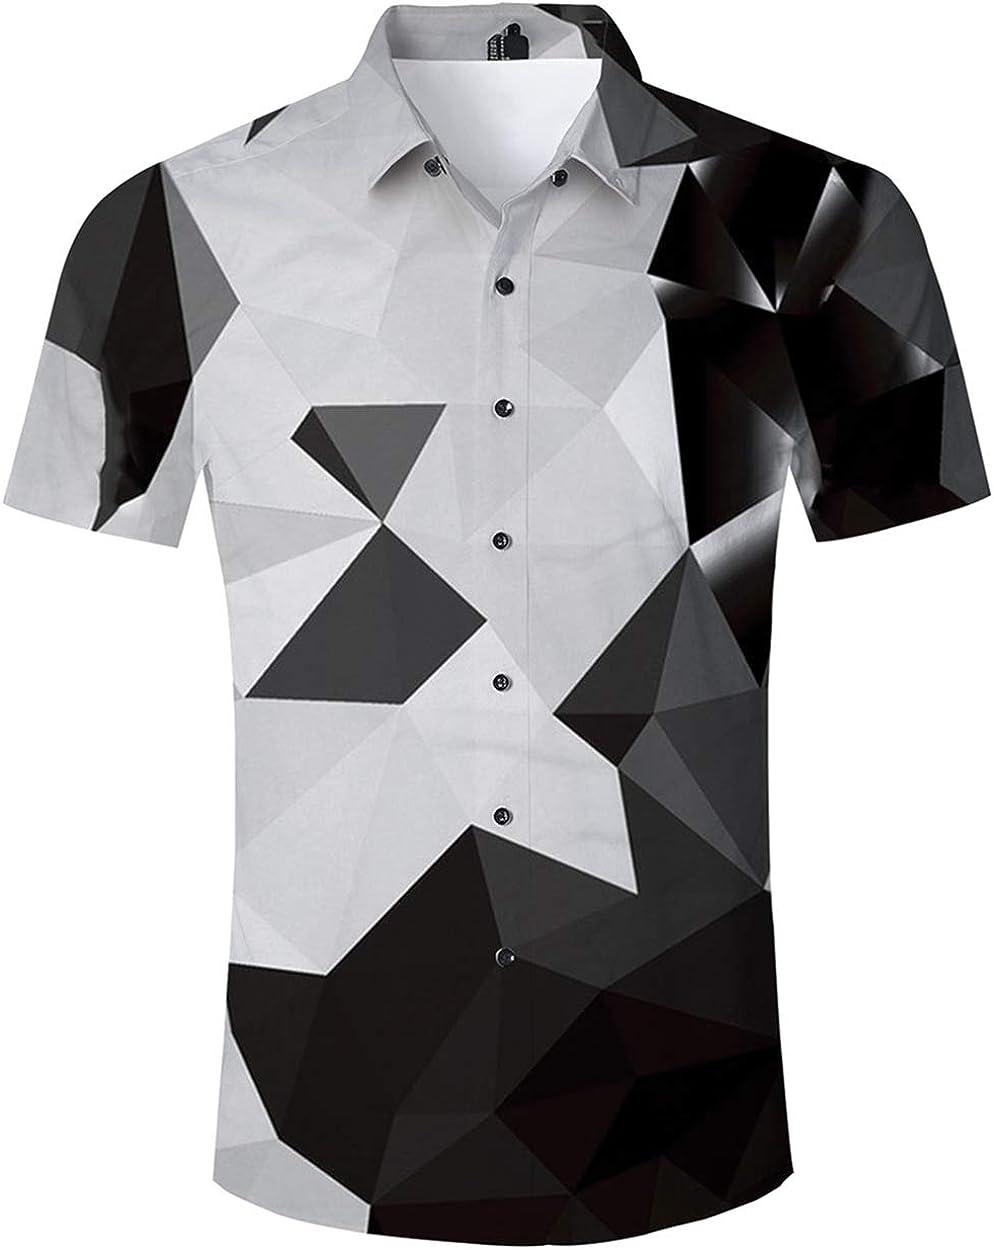 ALISISTER Camisa Hawaiana Hombre Manga Corta con Estampado geométrico Camisa Luau Tropical de Hawai Camisa en Blanco y Negro Retro M